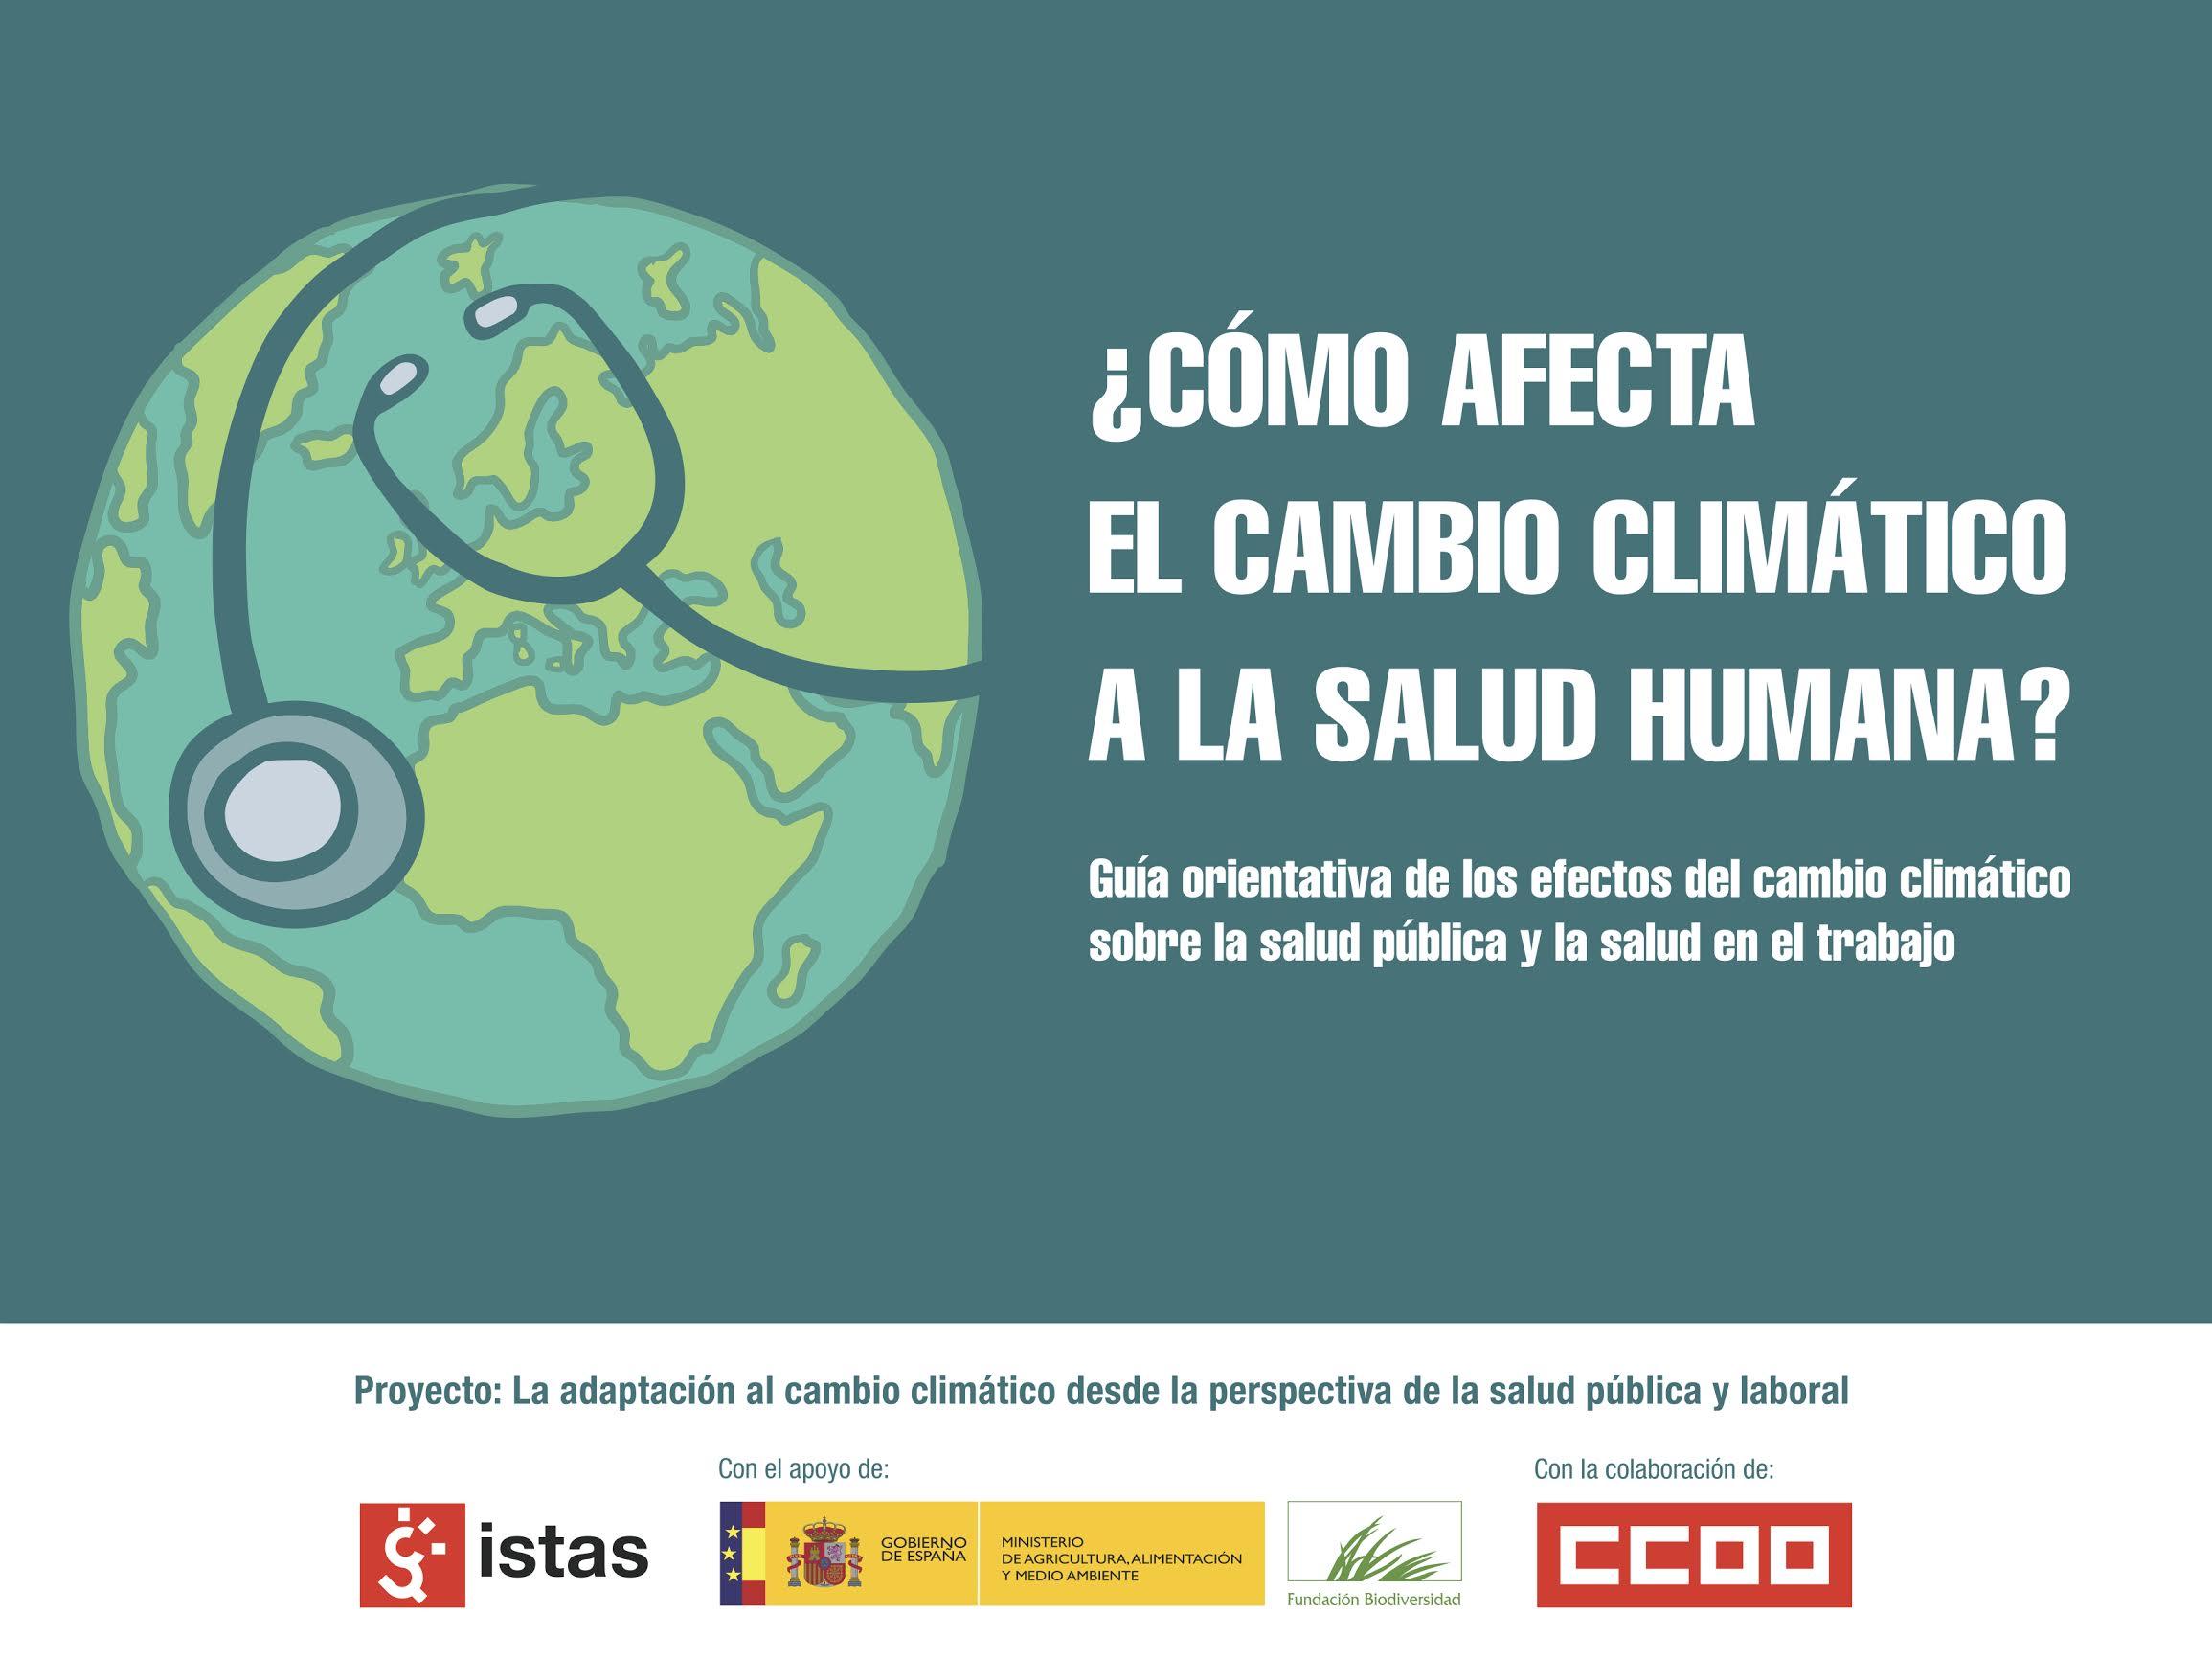 �C�mo afecta el cambio clim�tico a la salud humana?